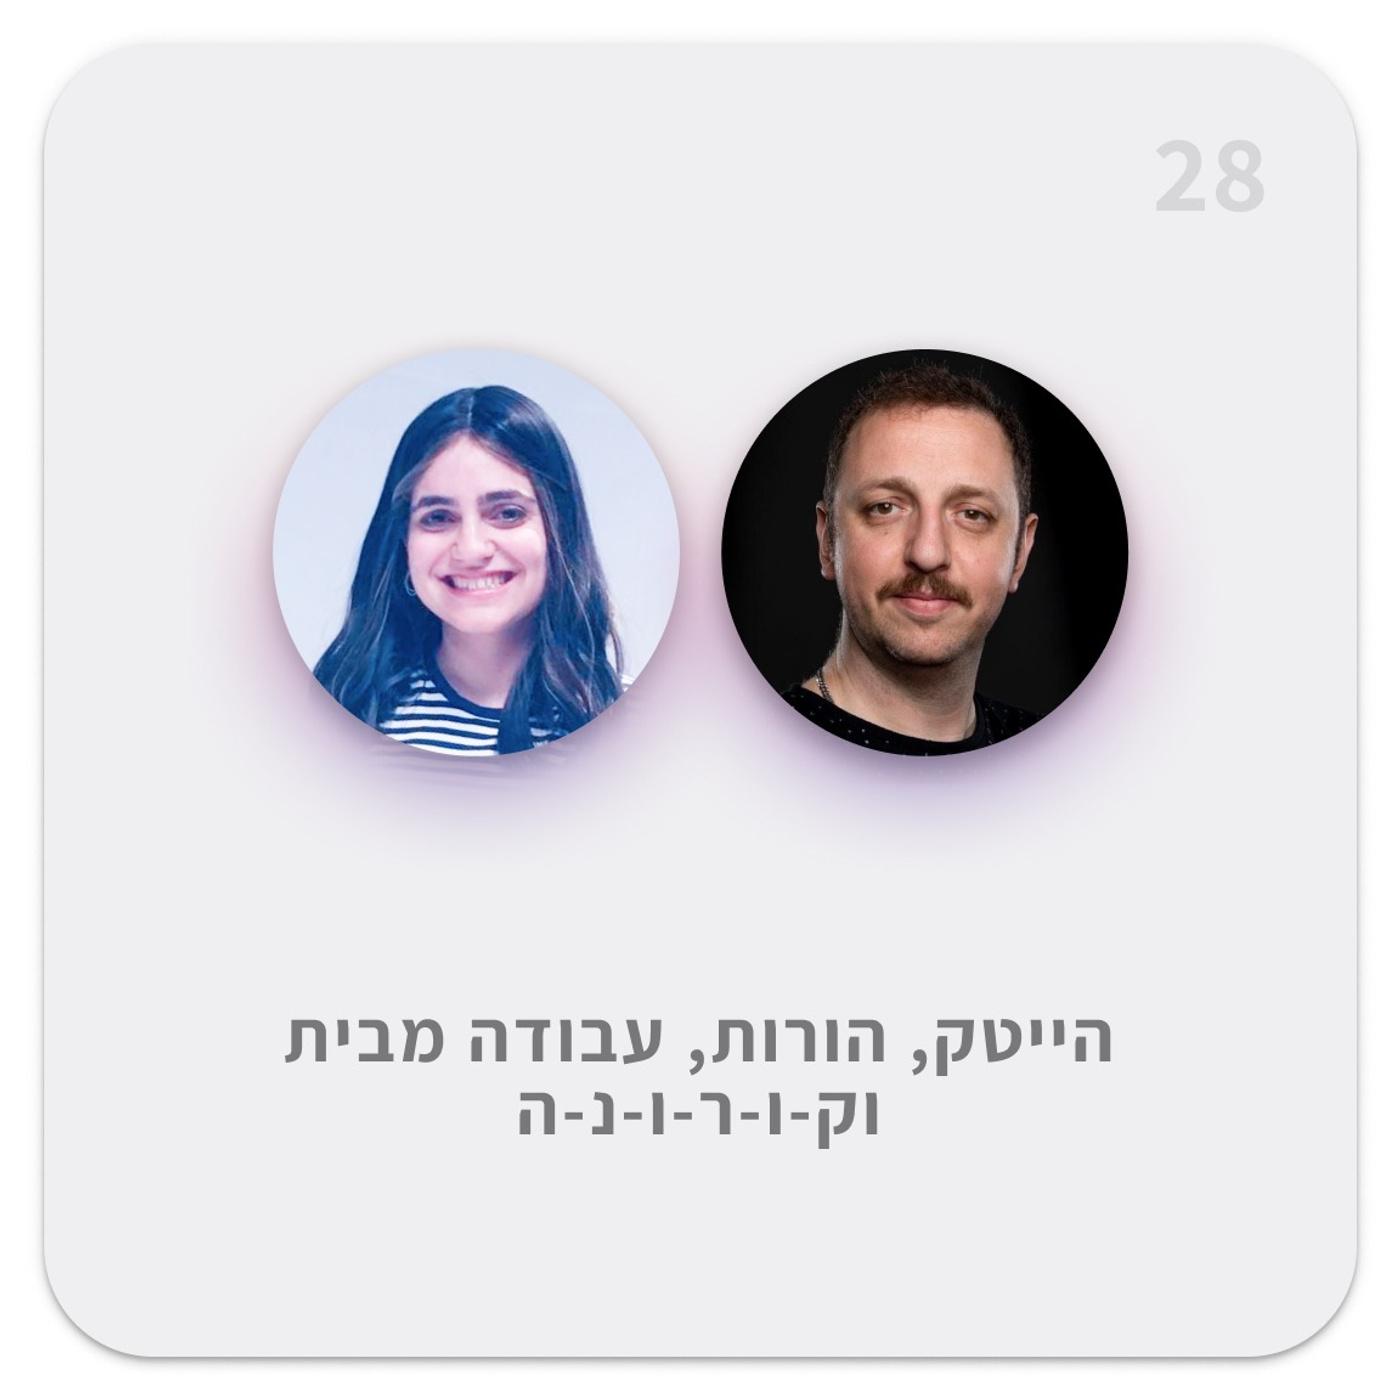 28 על הייטק, הורות, עבודה מהבית וקורונה | עם מיכאל שוורץ ויהודית אשר